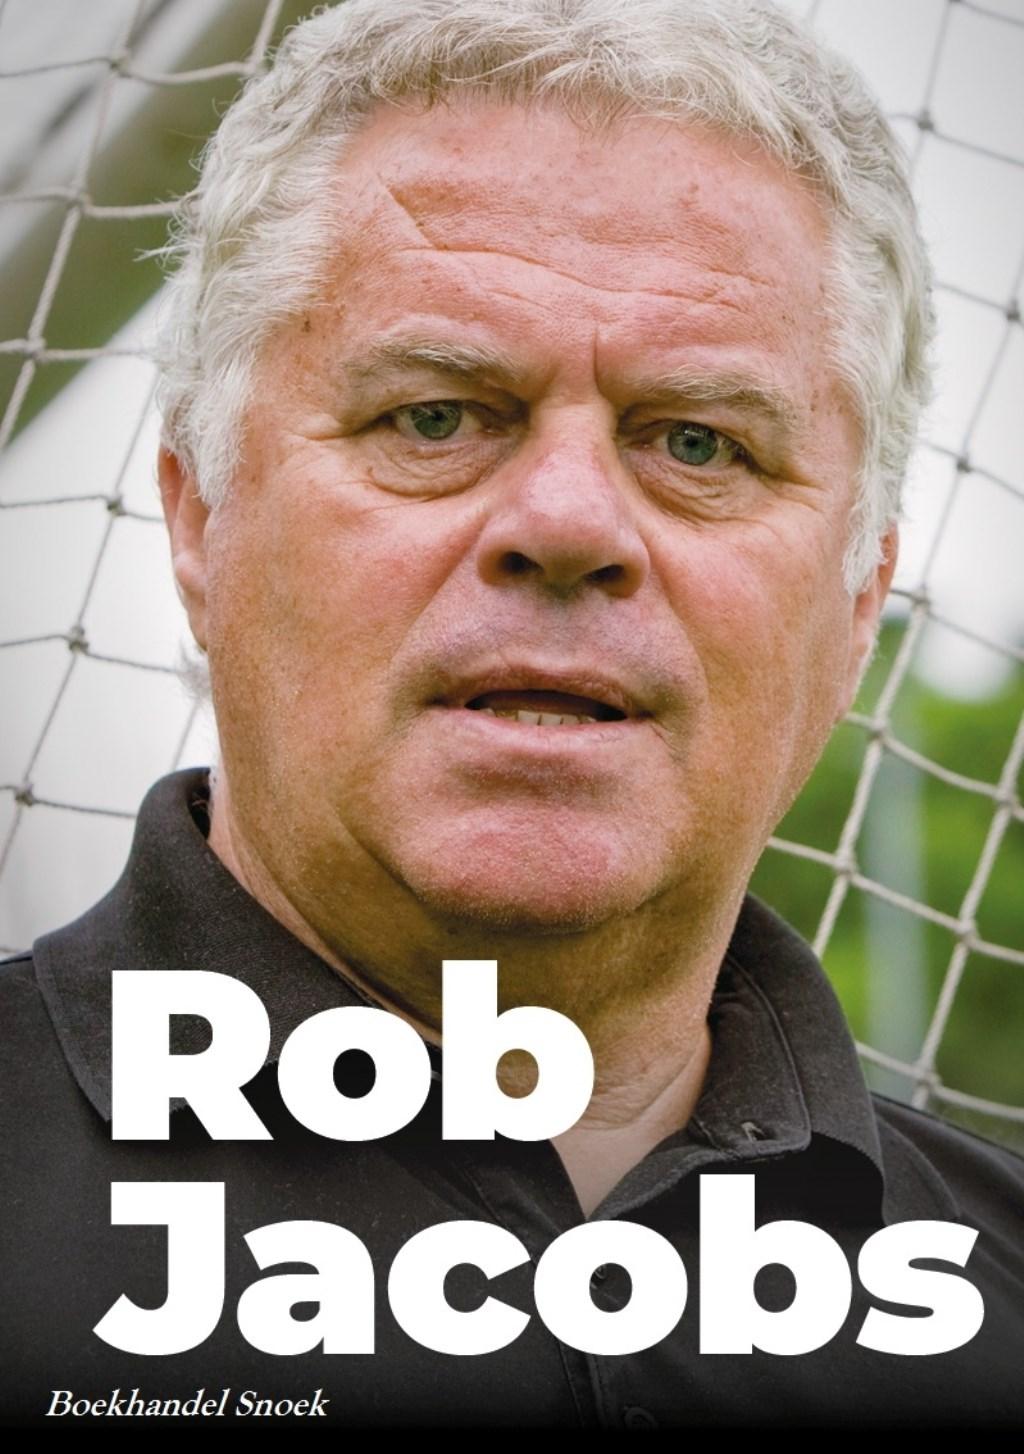 Rob Jacobs